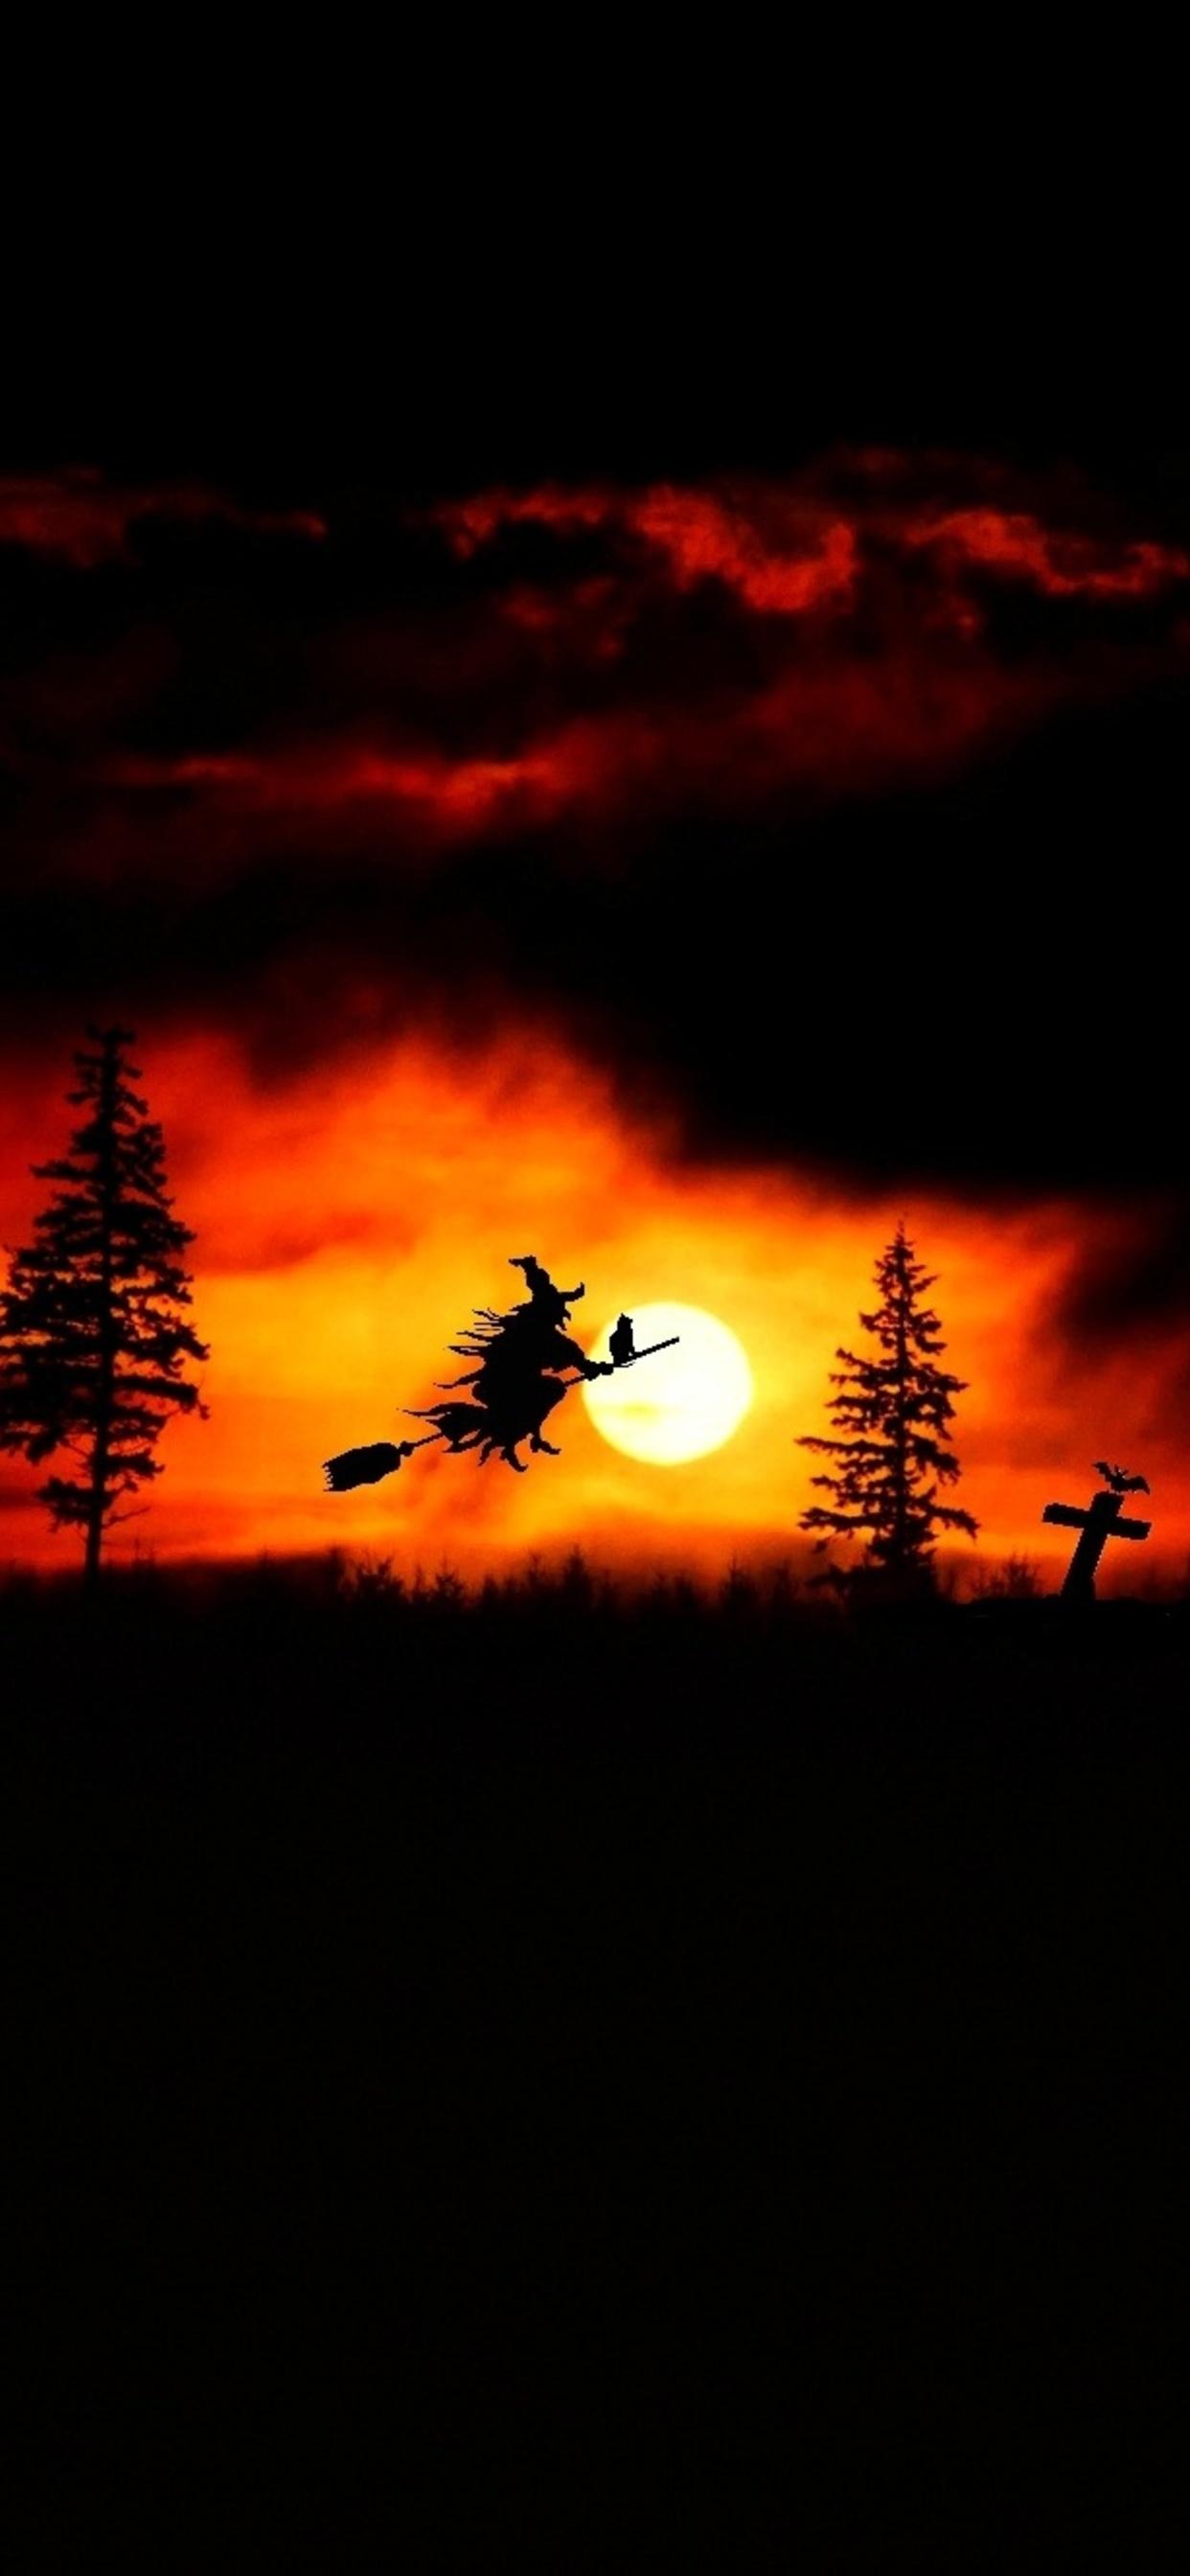 halloween-witch-fantasy-gk.jpg